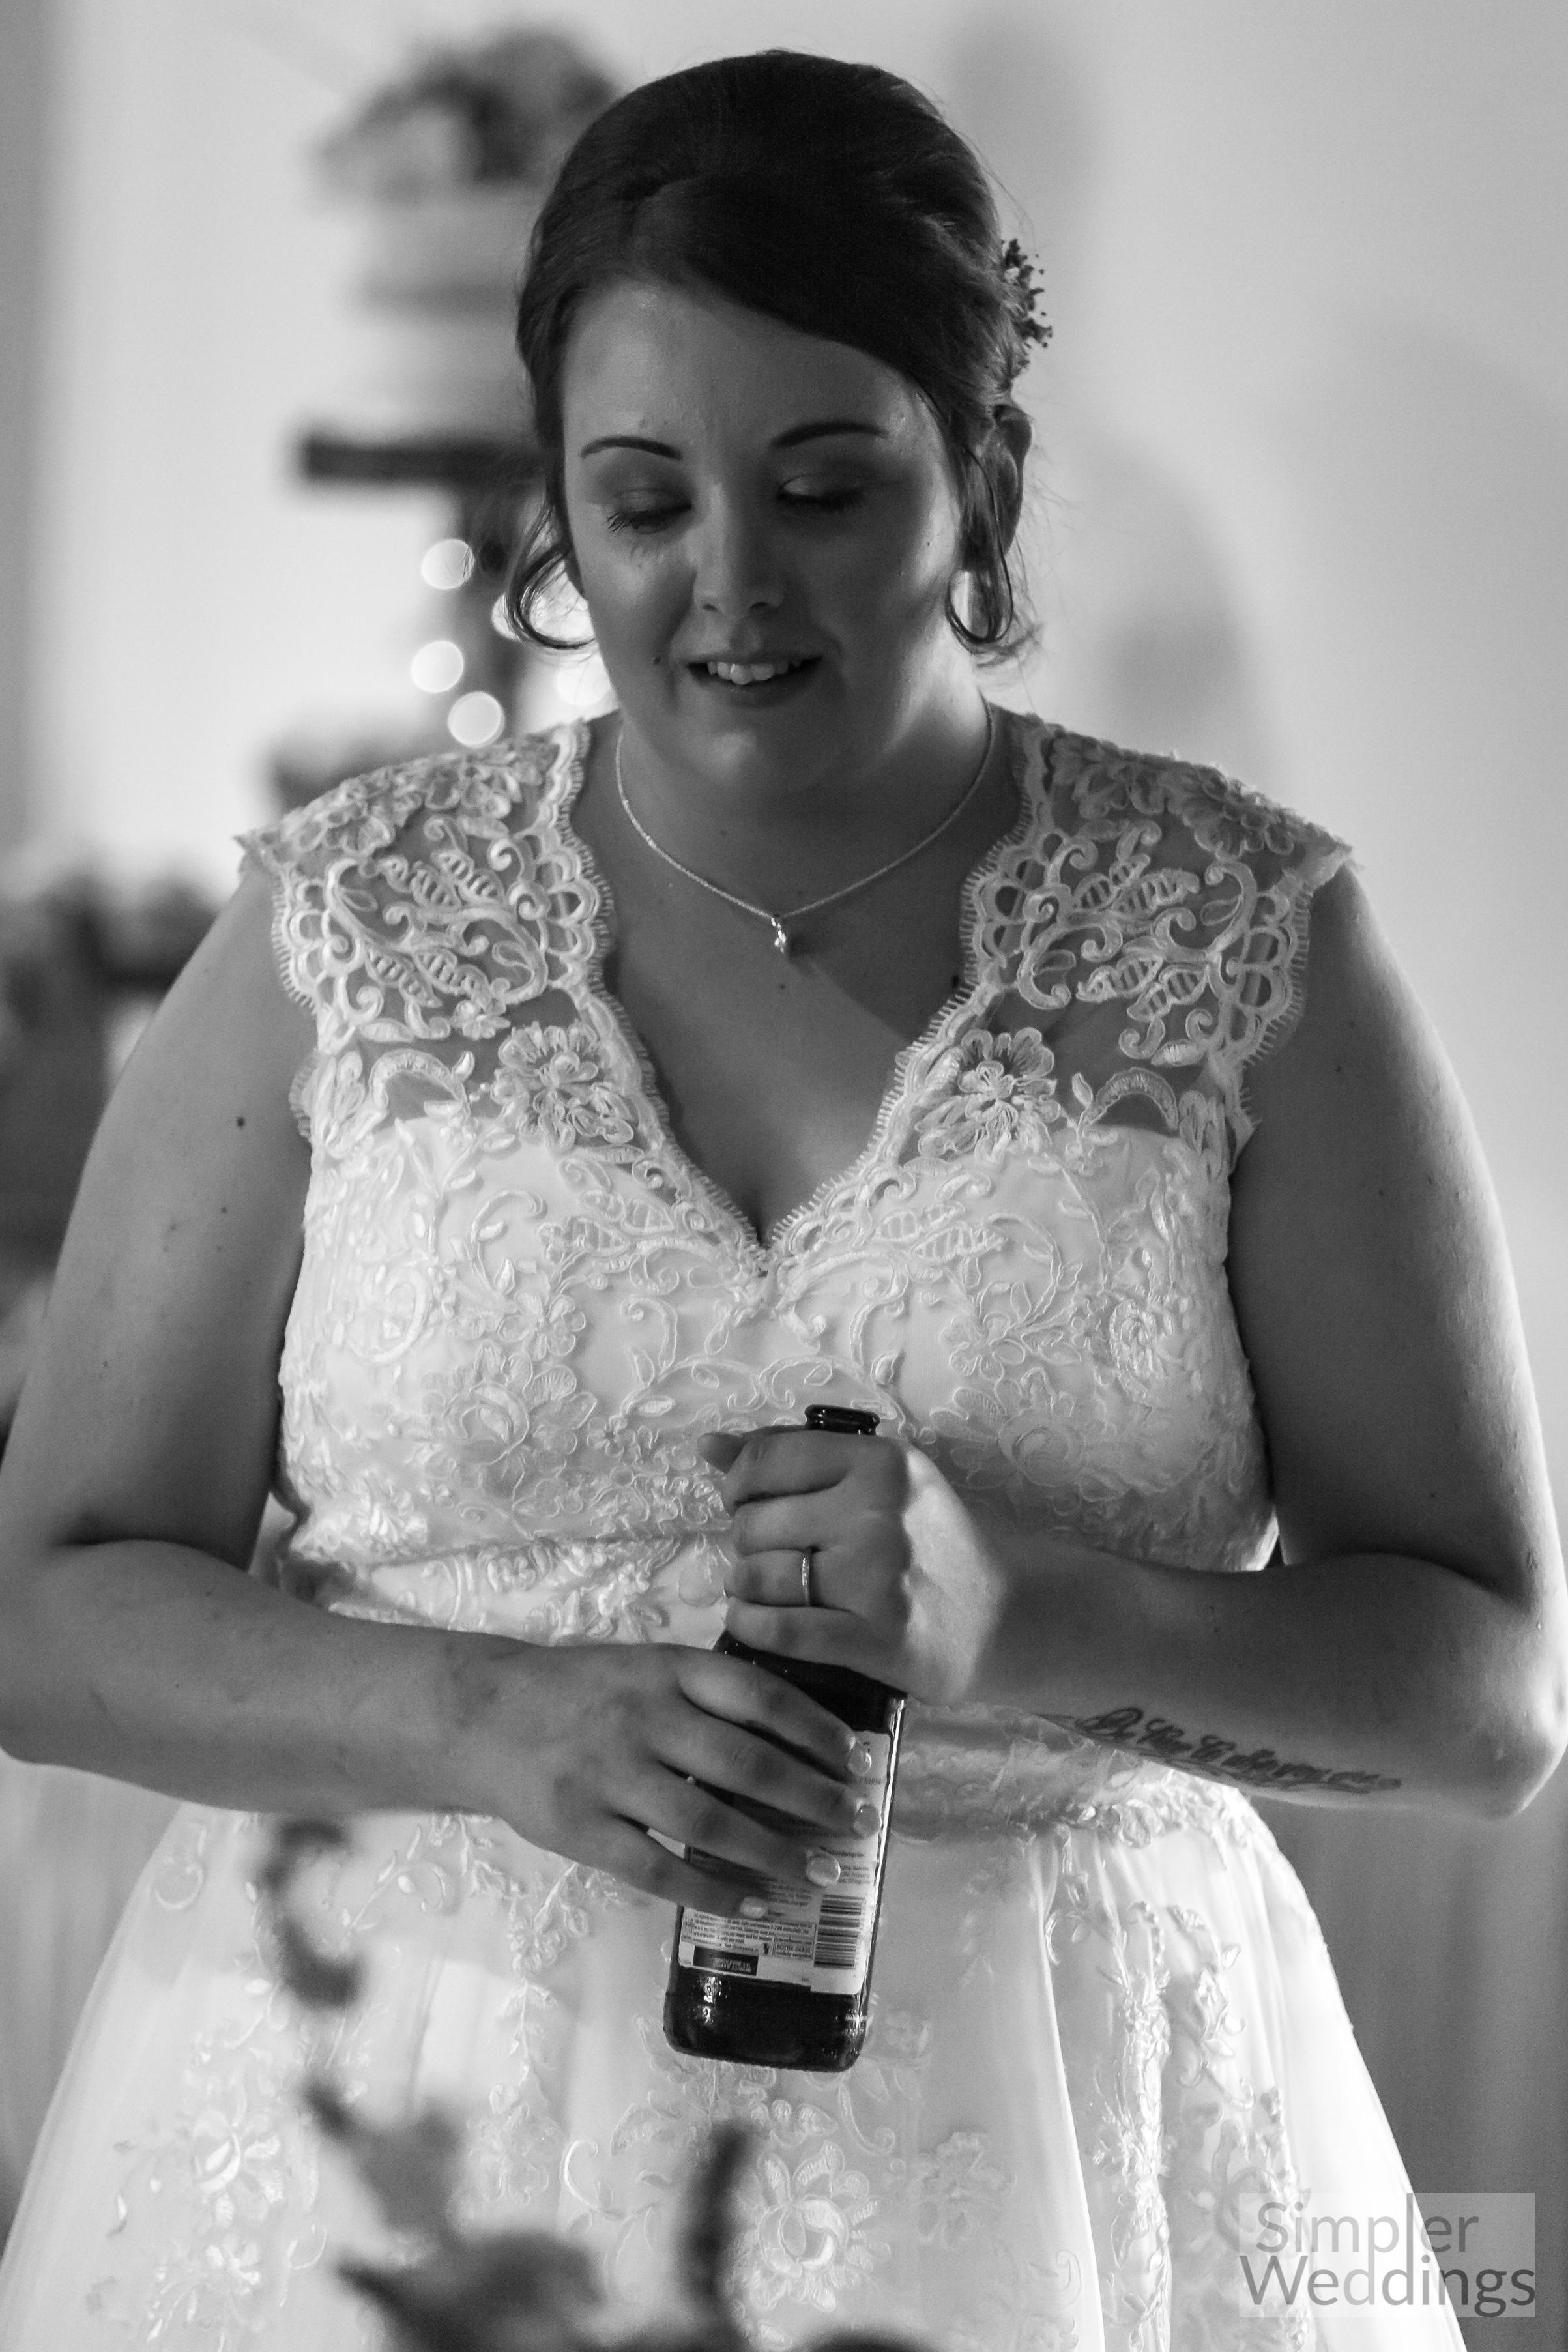 simpler-weddings-high-res-6056.jpg